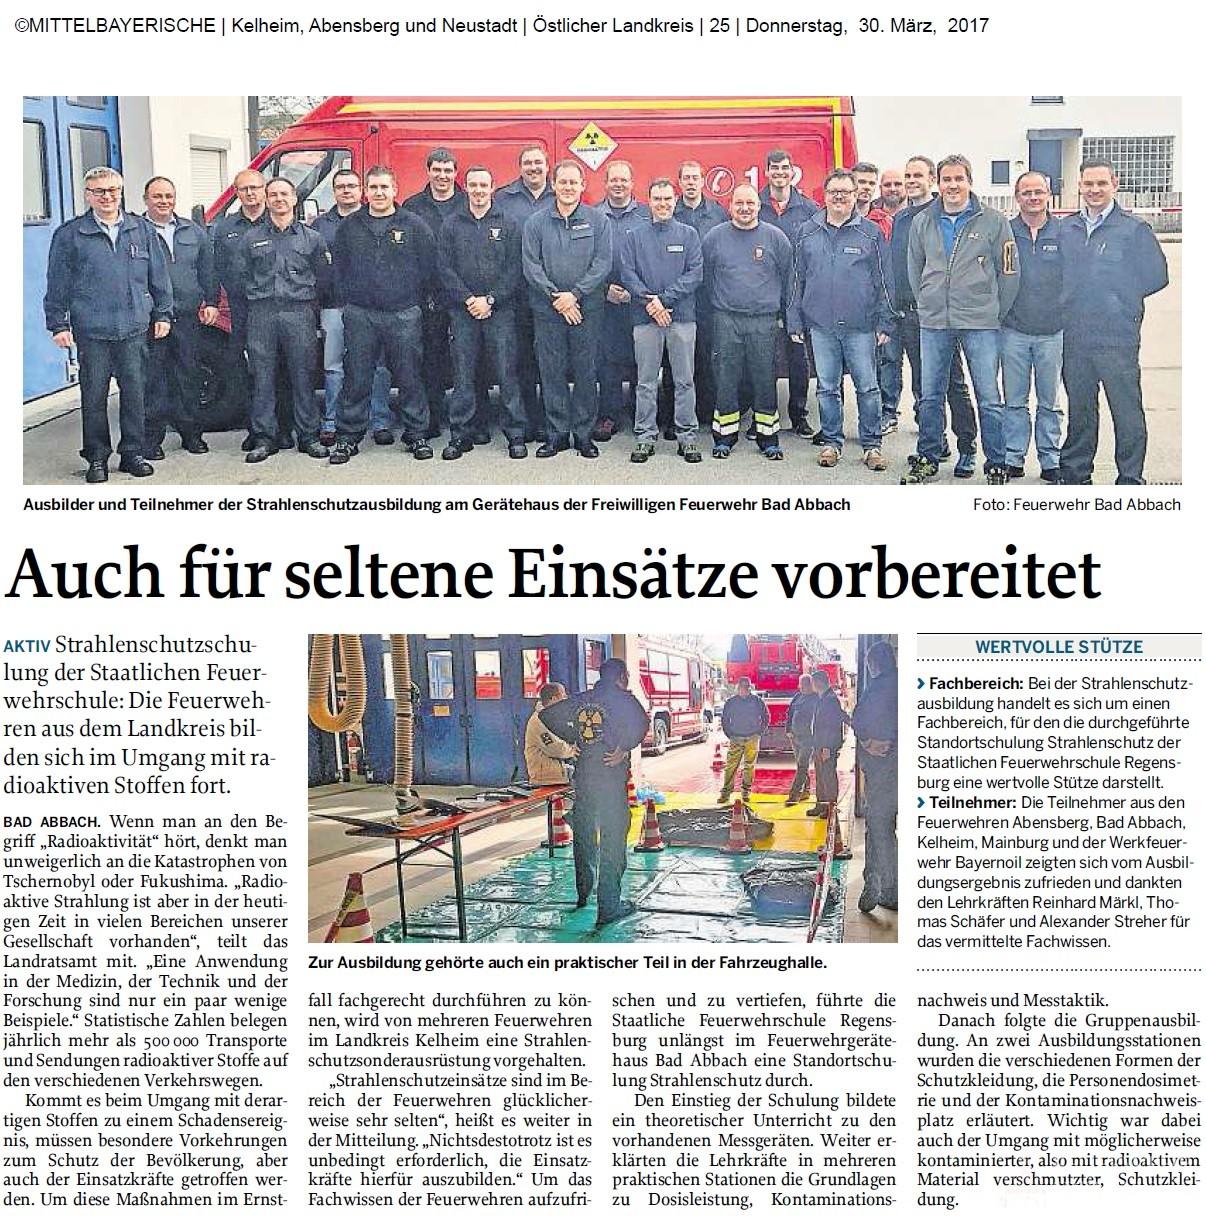 17-03-30_Artikel-MZ-Strahlenschutz